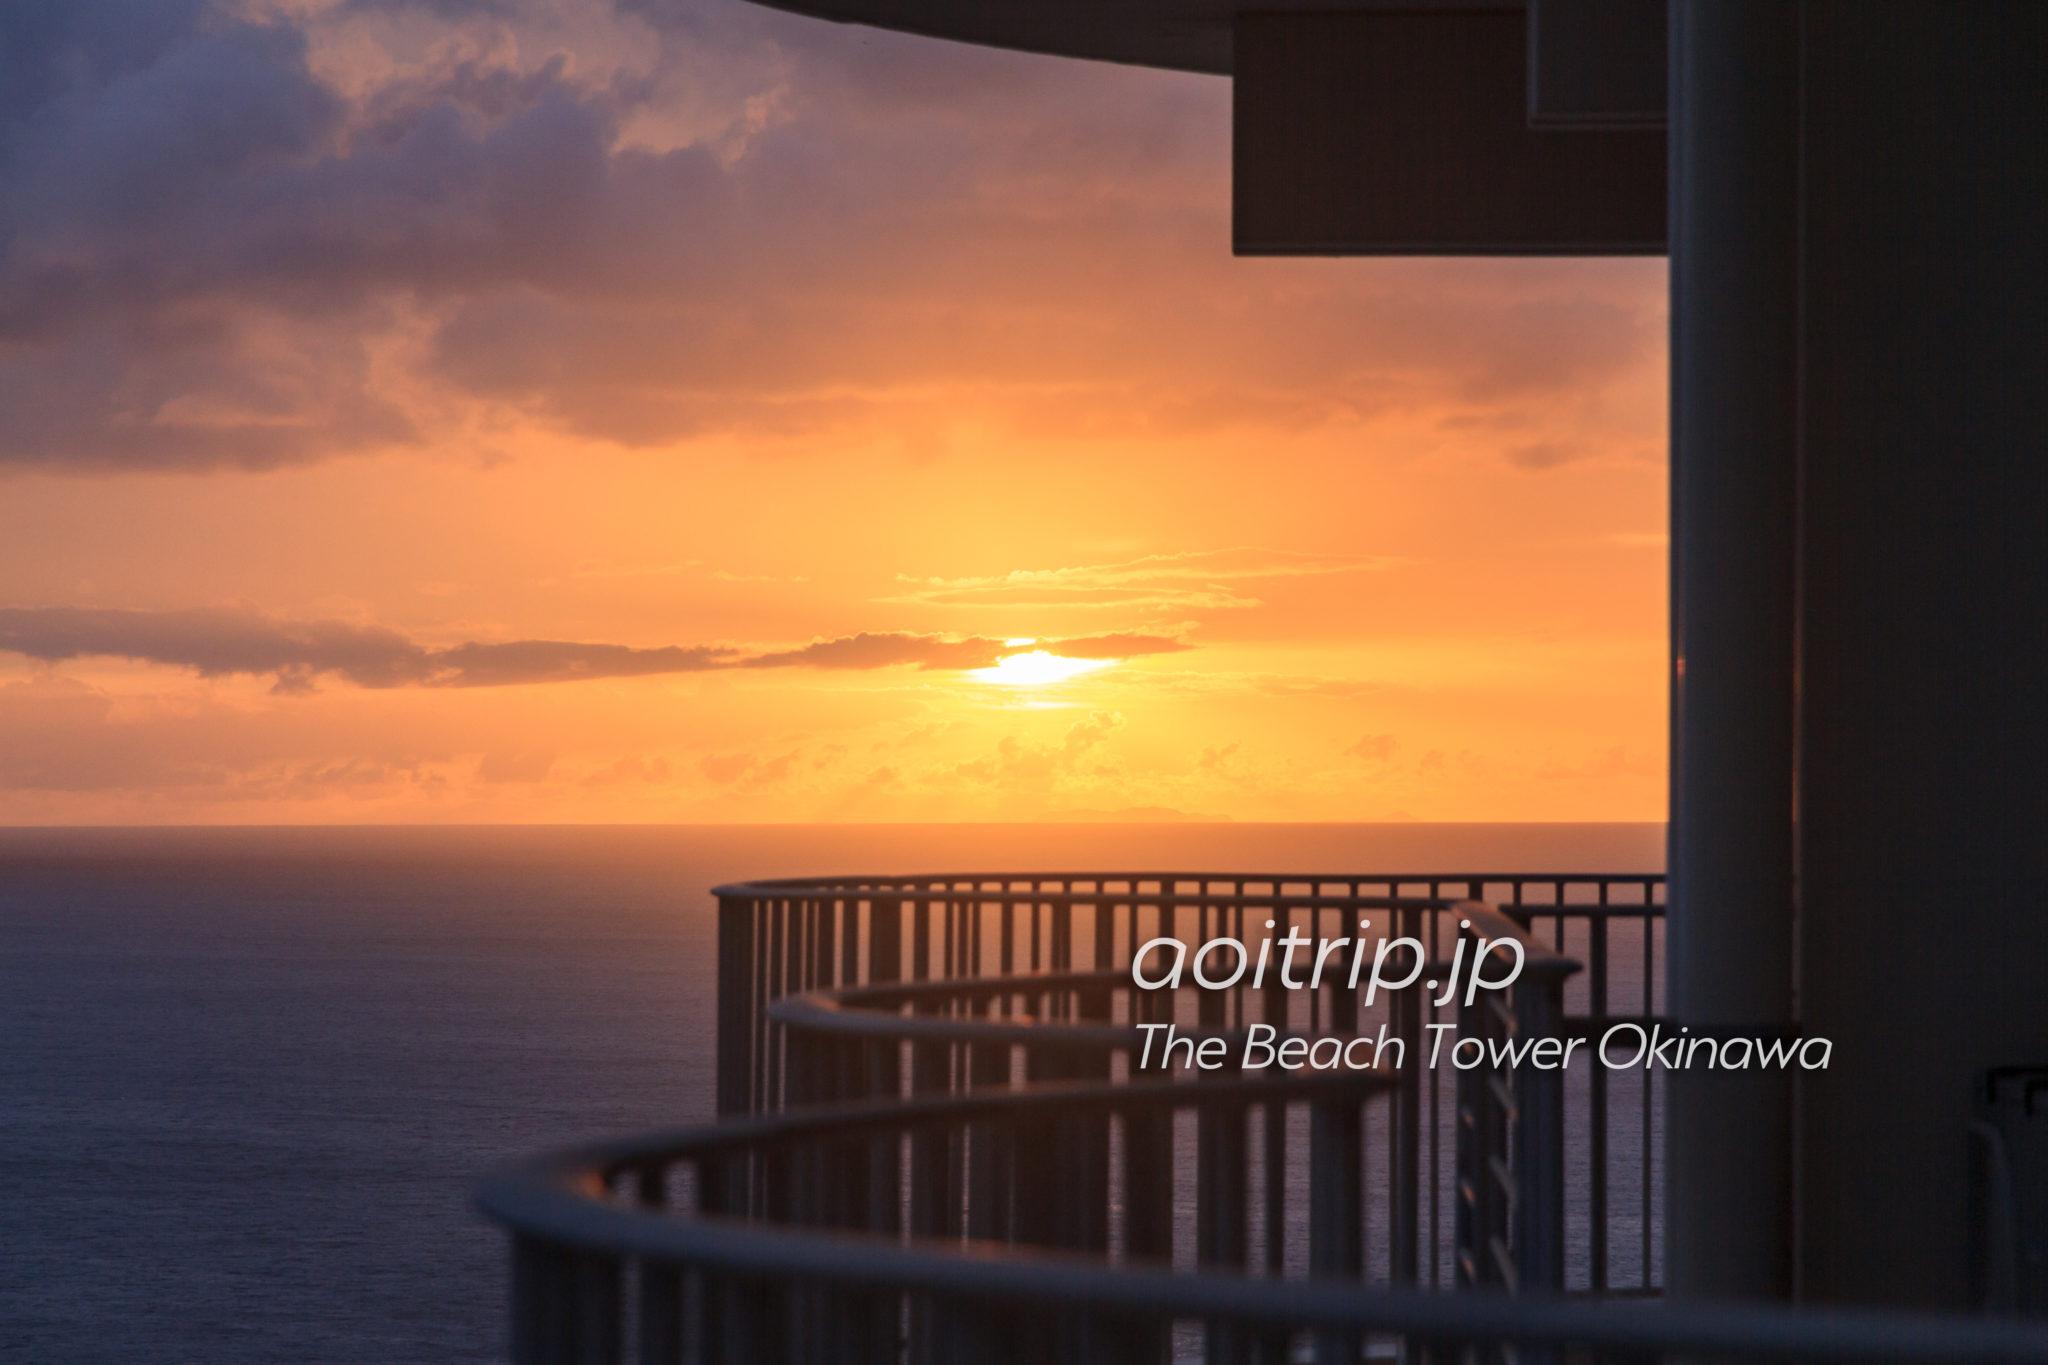 ザビーチタワー沖縄 バルコニーからの夕日